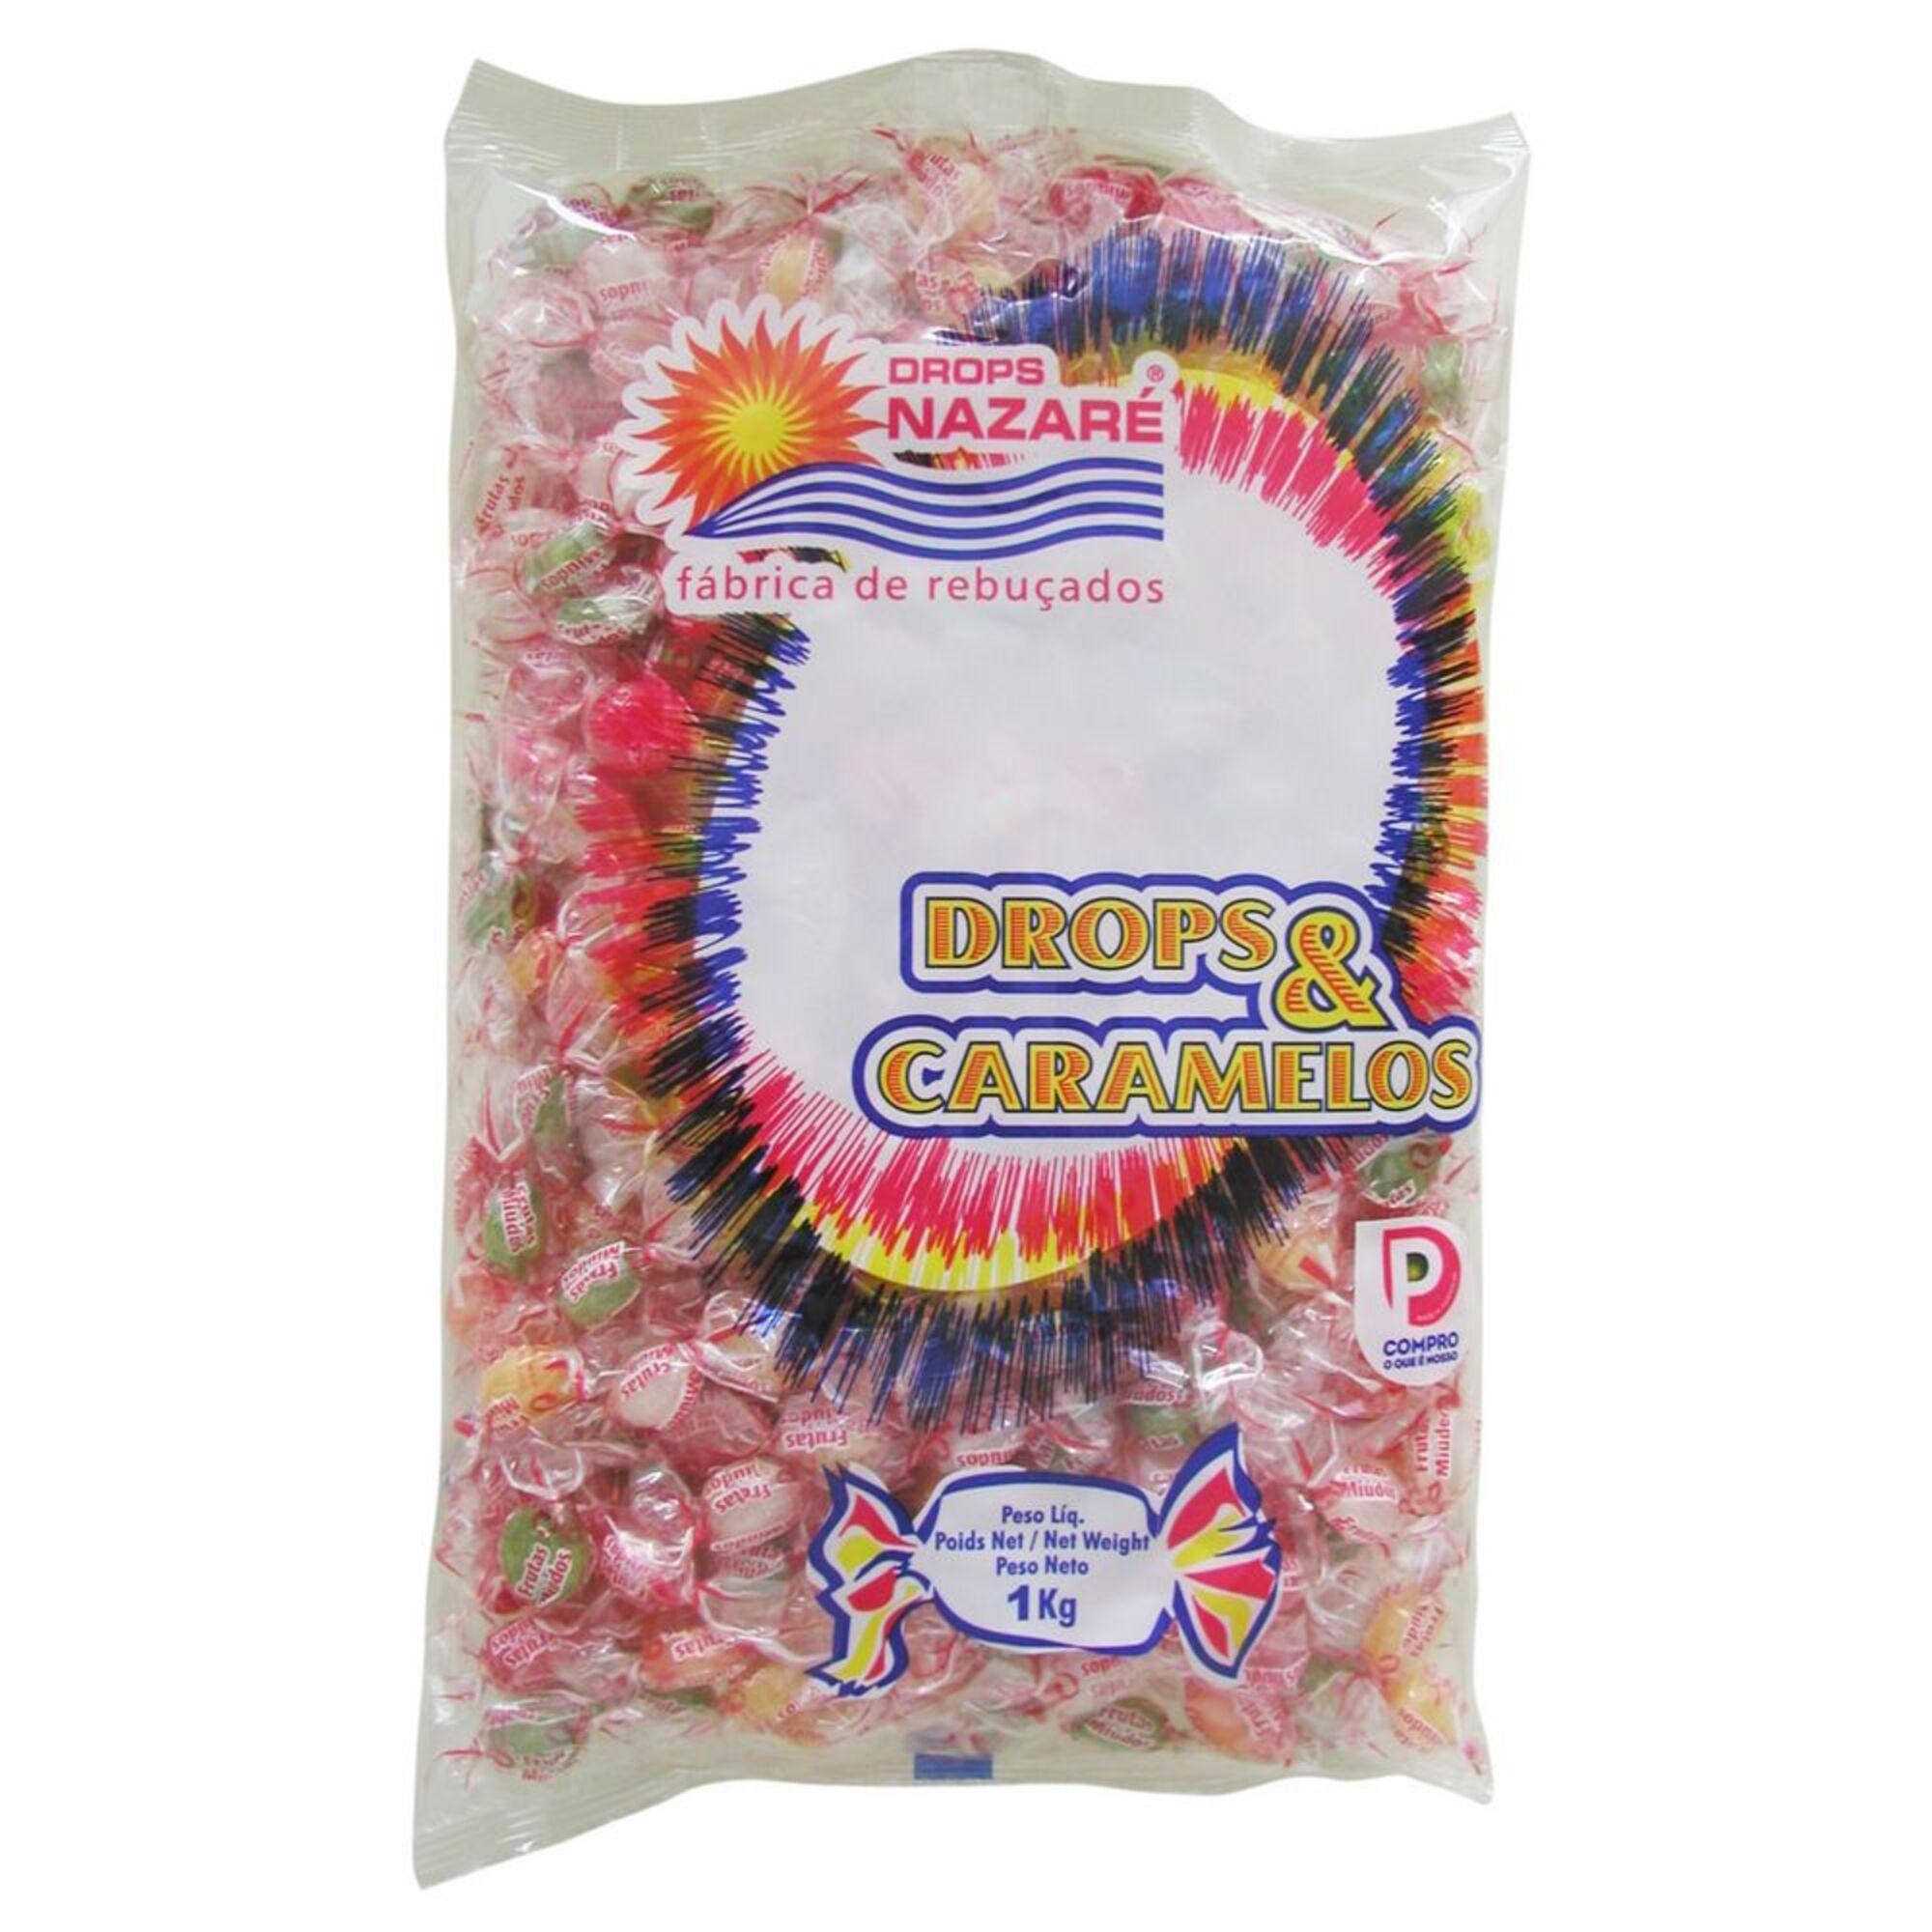 DROPS NAZARÉ - DROPS NAZARÉ Rebuçados de Fruta Mini, 1 kg